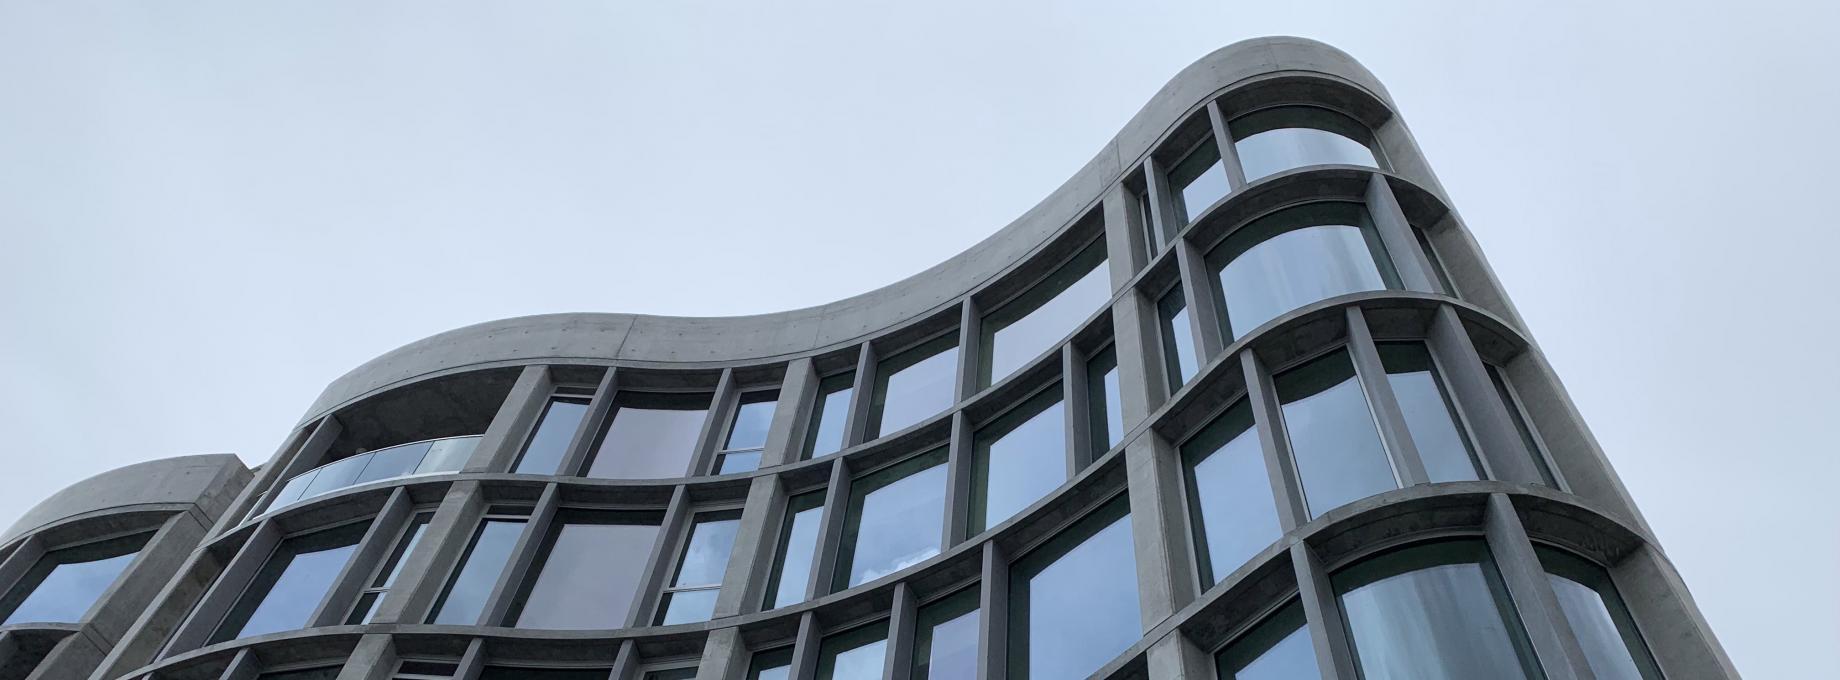 Santa Monica Proper Hotel Howard Laks Architects